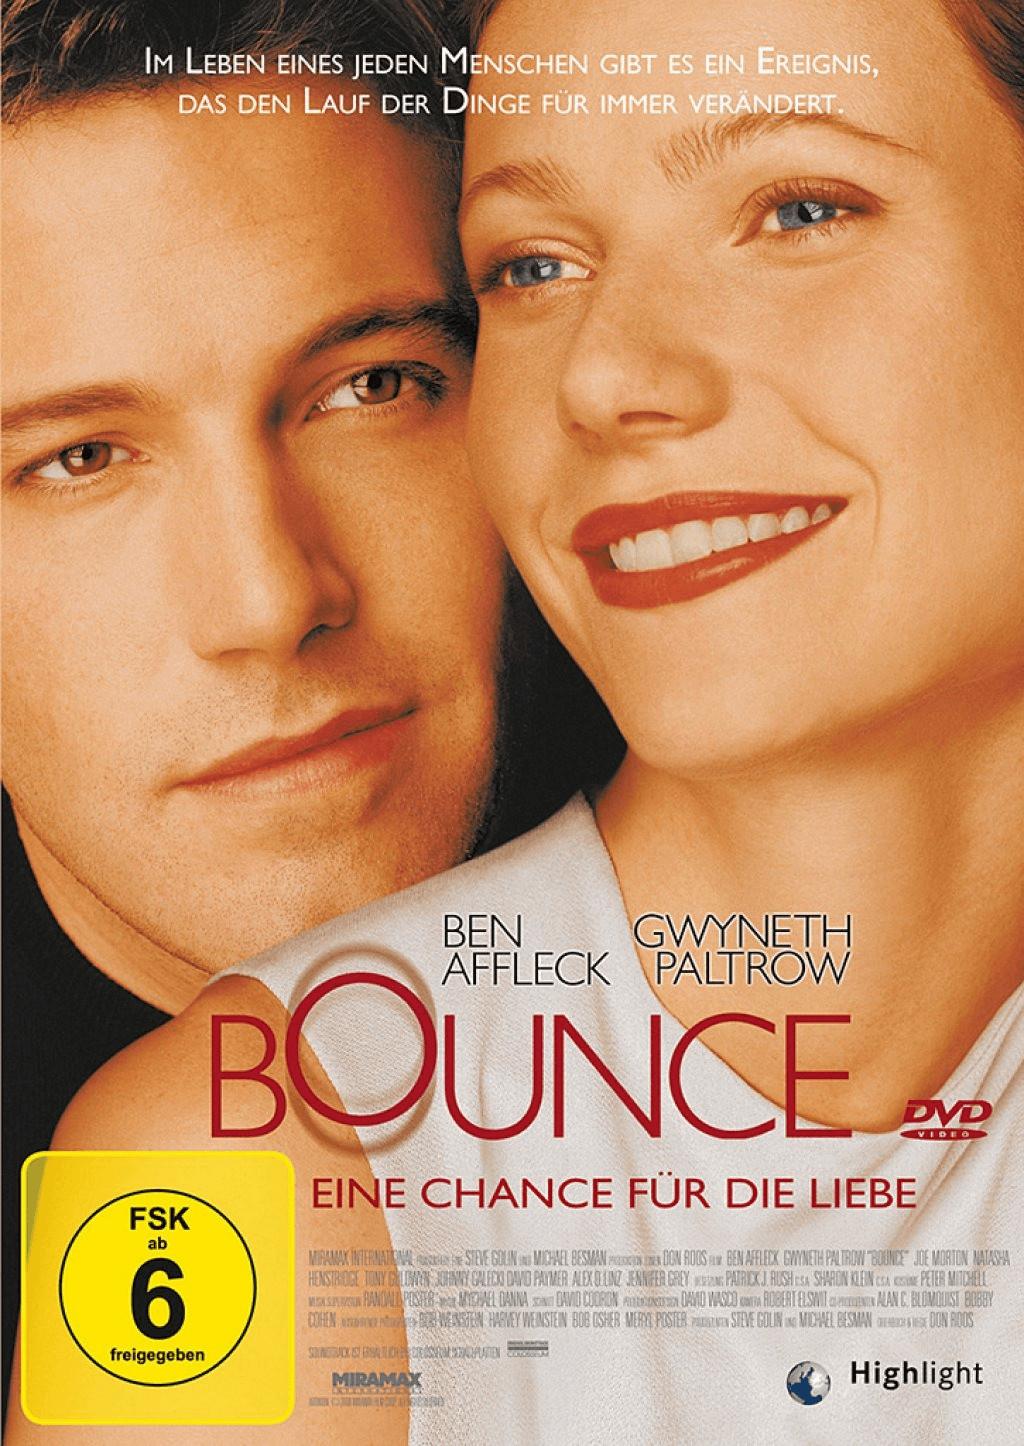 Bounce - Eine Chance für die Liebe [DVD]